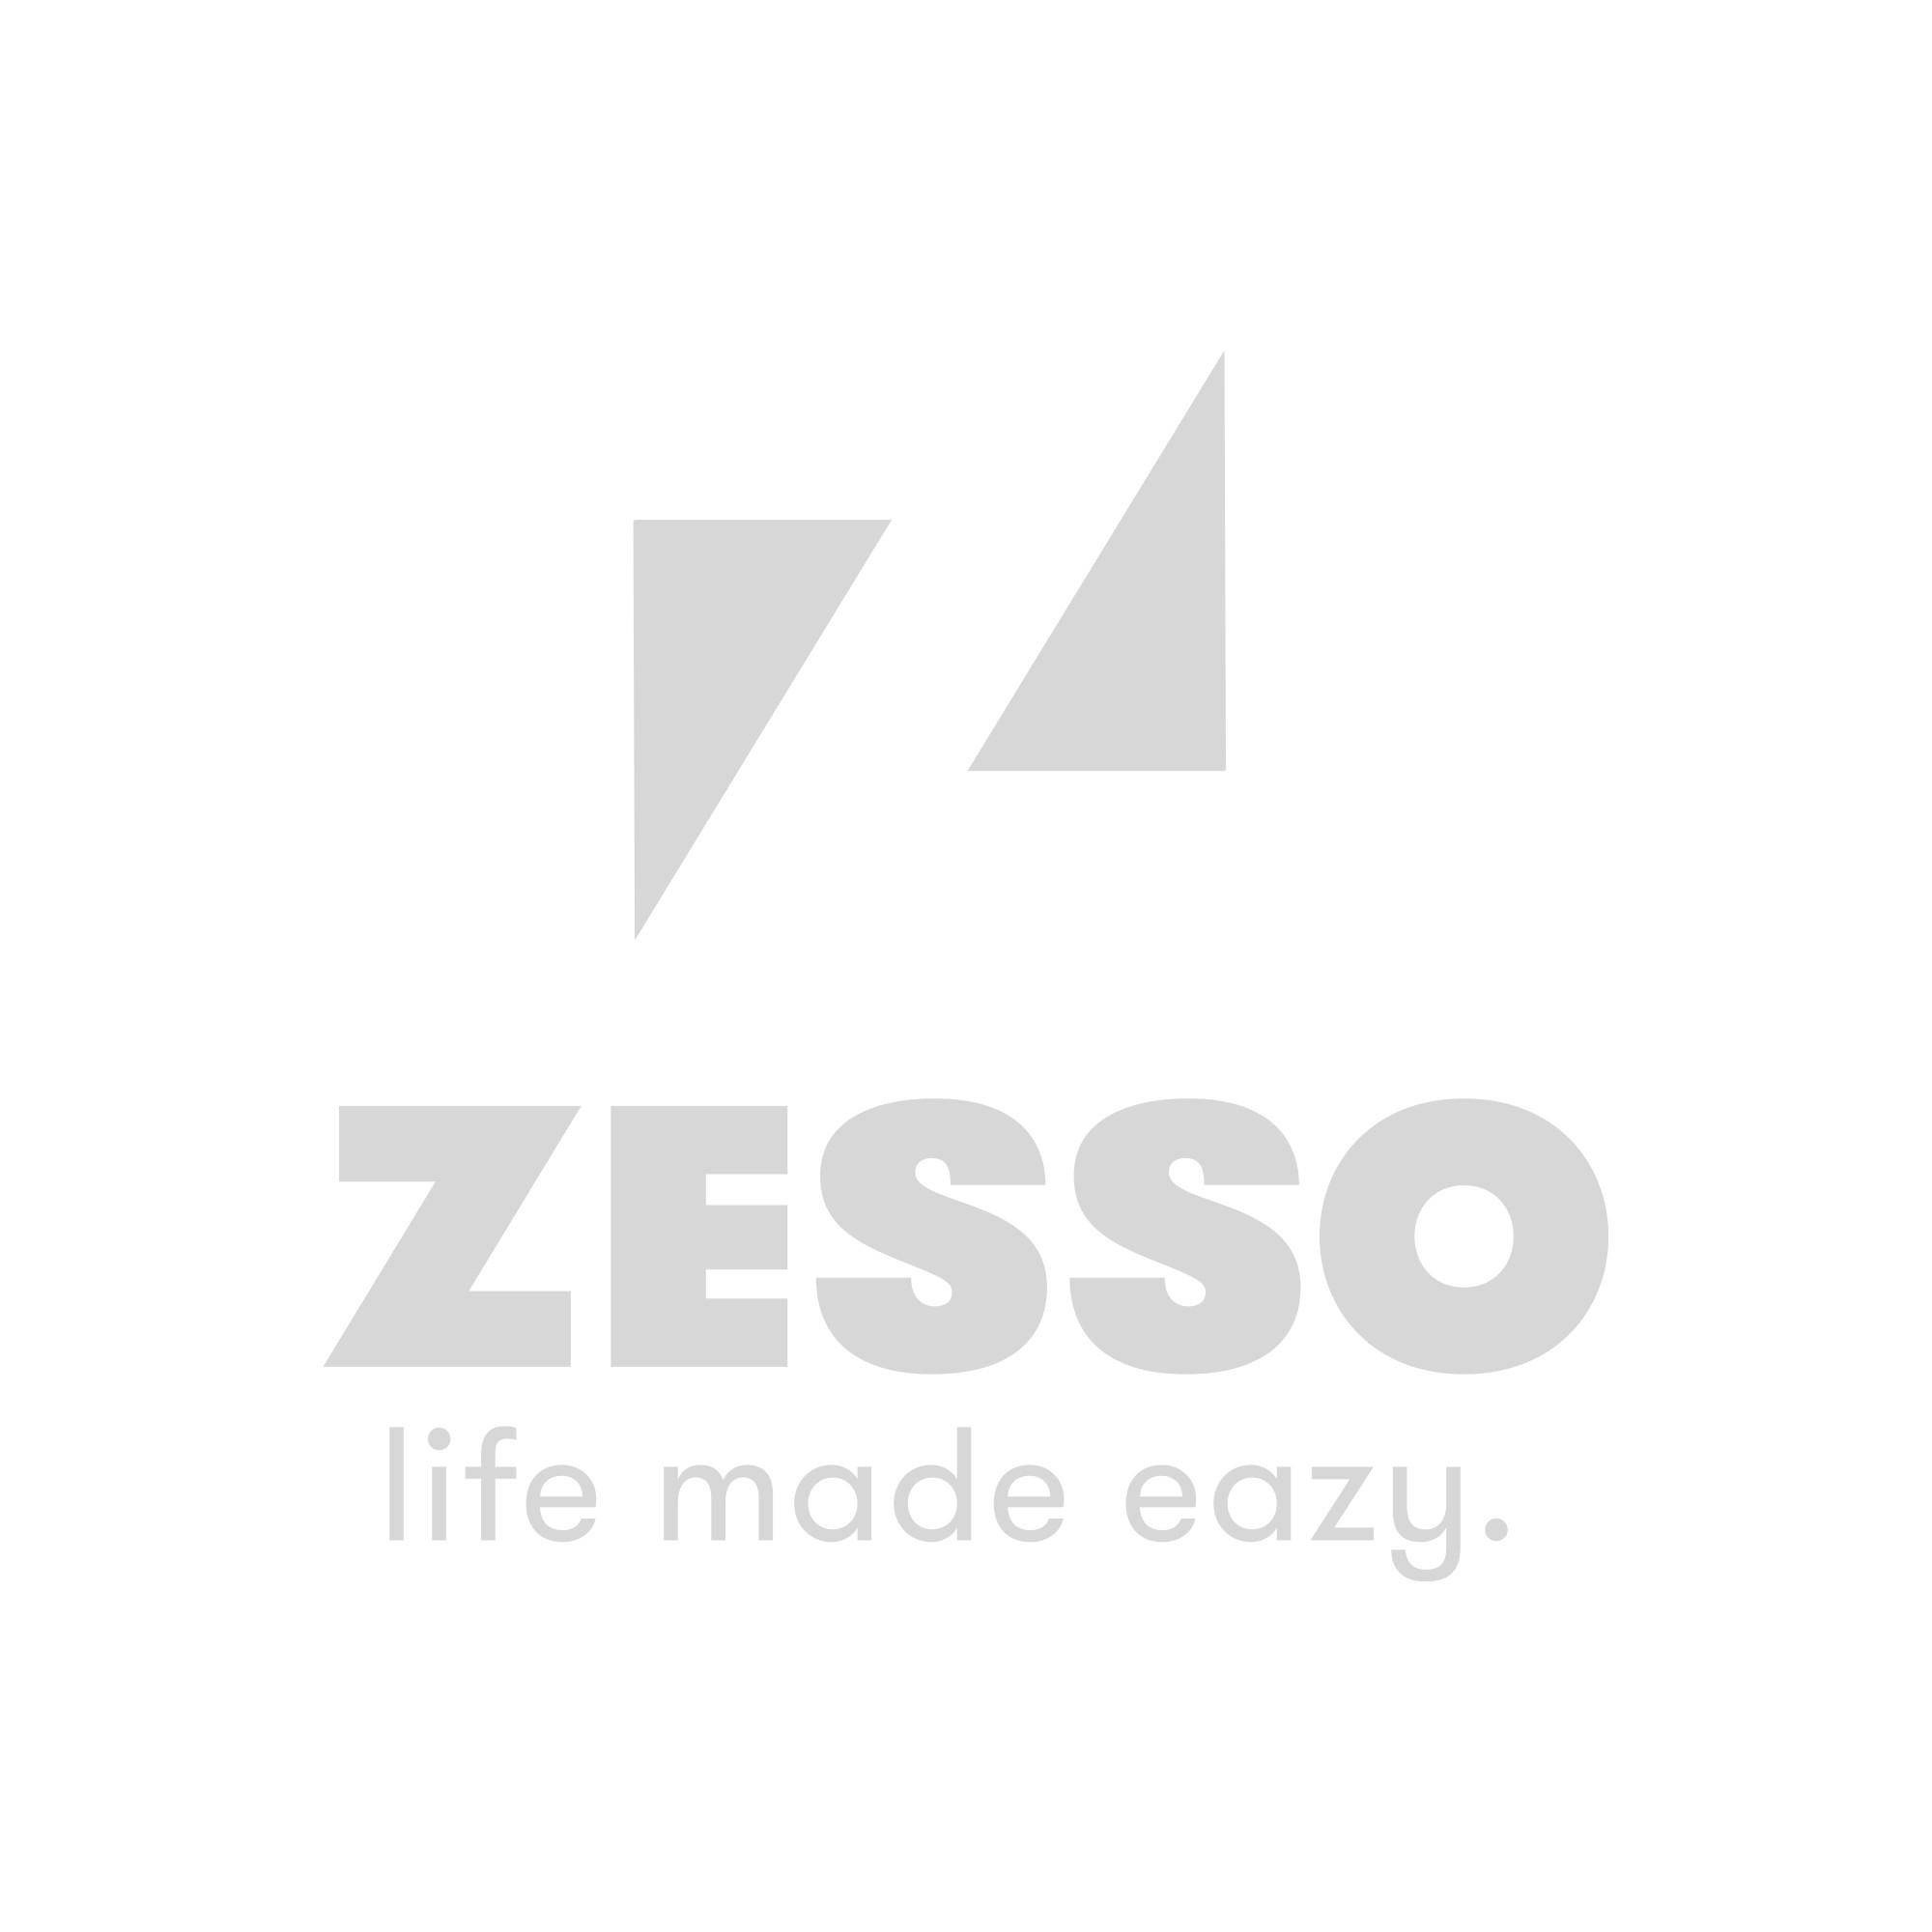 baninni lit parapluie parc avec rehausseur salento bleu